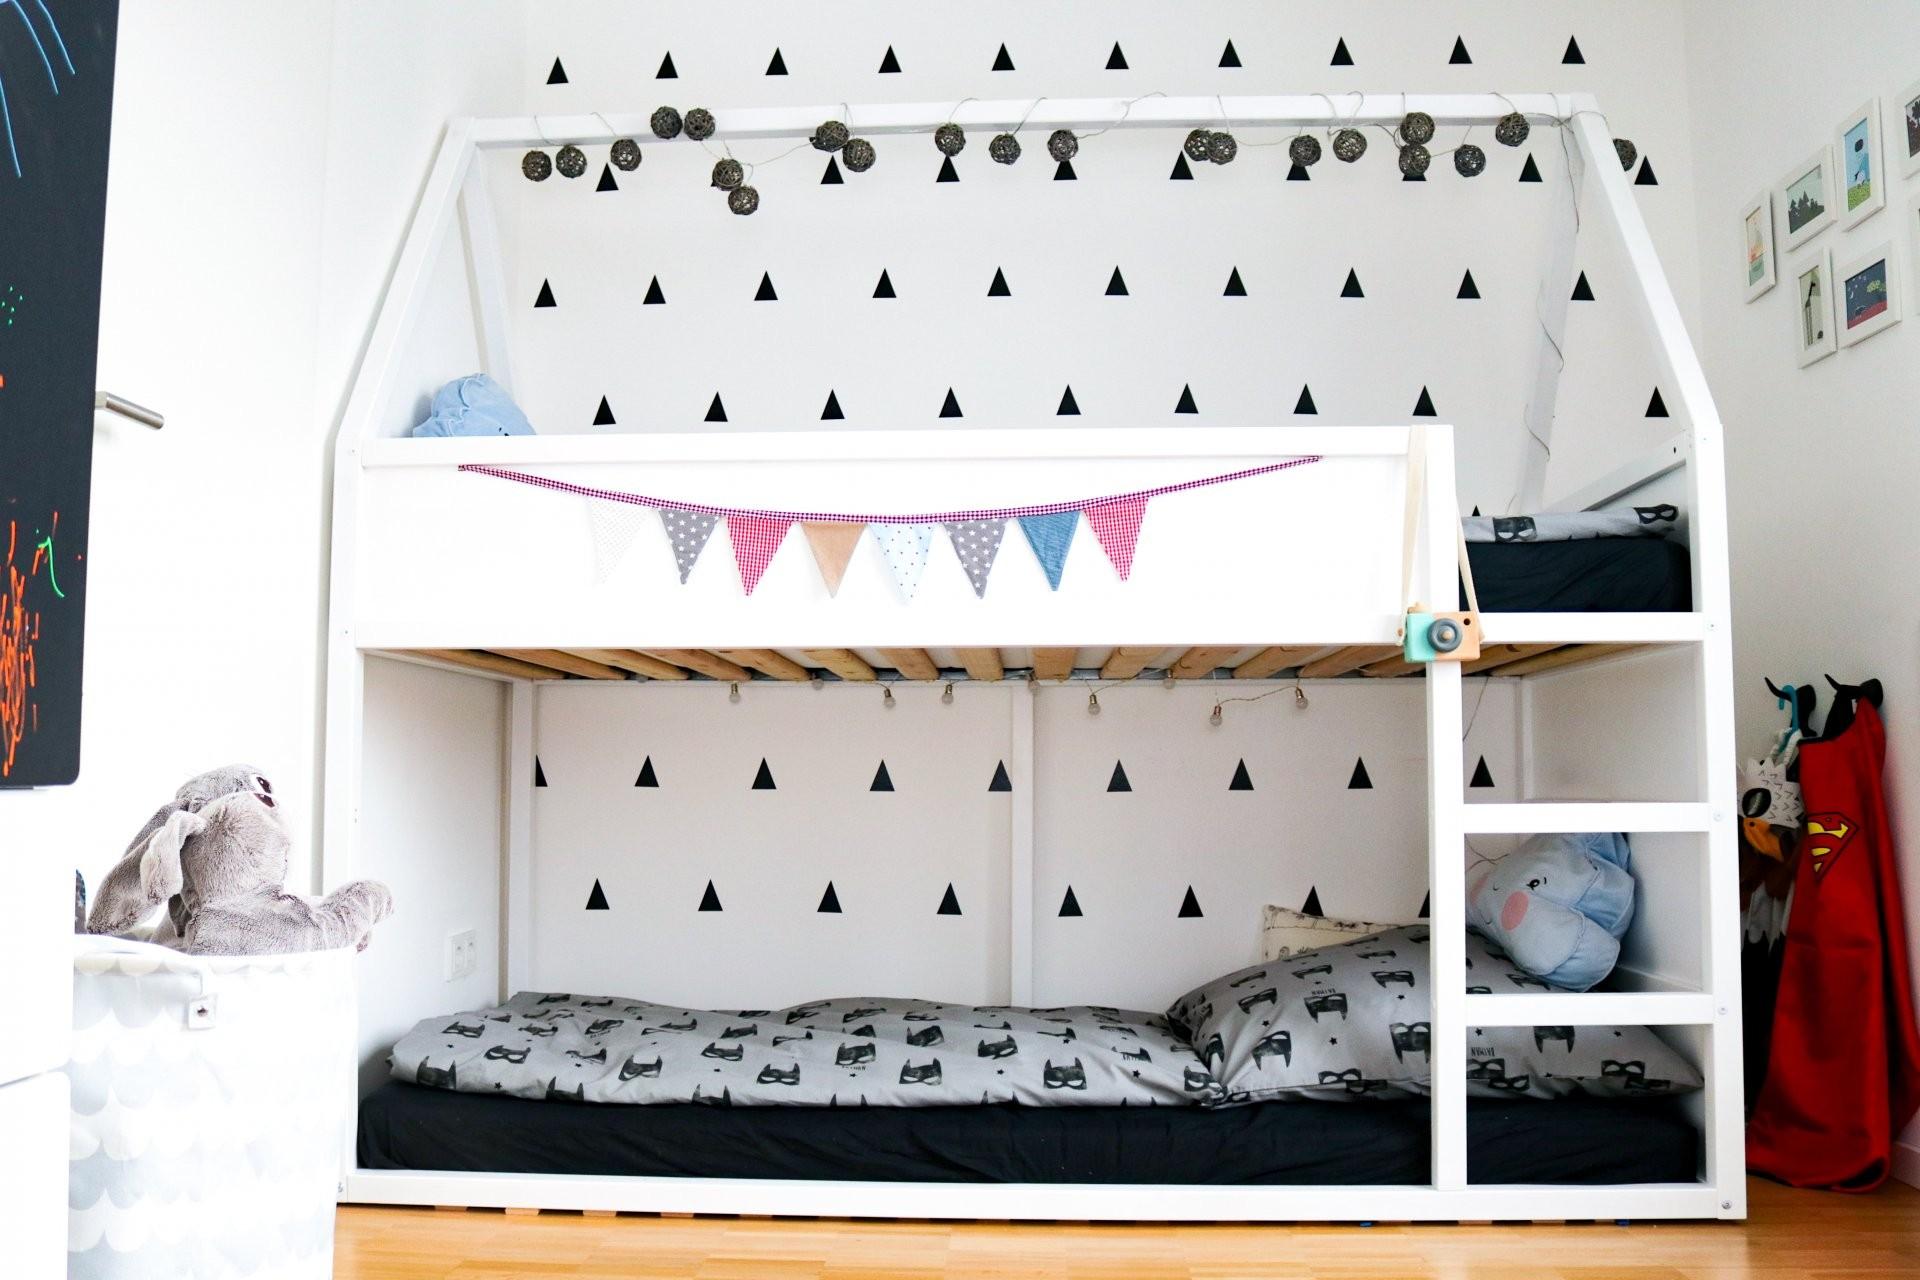 Full Size of Betten Bei Ikea Haus Hochbett Bauanleitung Hack Und Ein Paar Tolle Ideen Garten Beistelltisch Somnus Ebay Musterring Günstige 180x200 Günstig Kaufen Bett Betten Bei Ikea